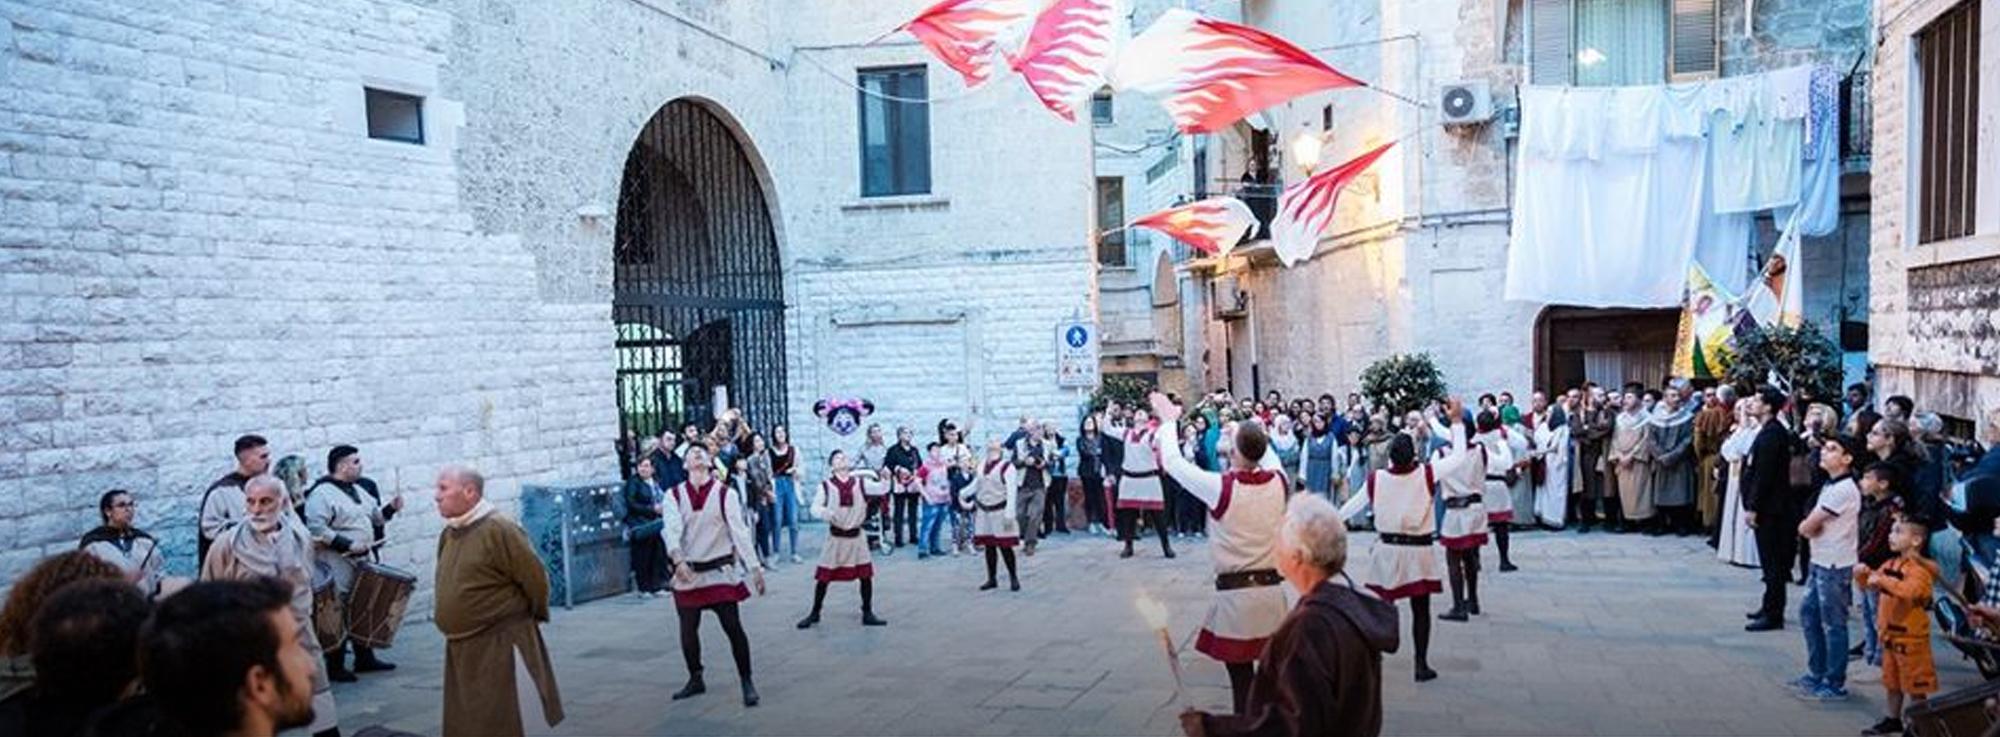 Bari: Il Fuoco Sacro di San Nicola